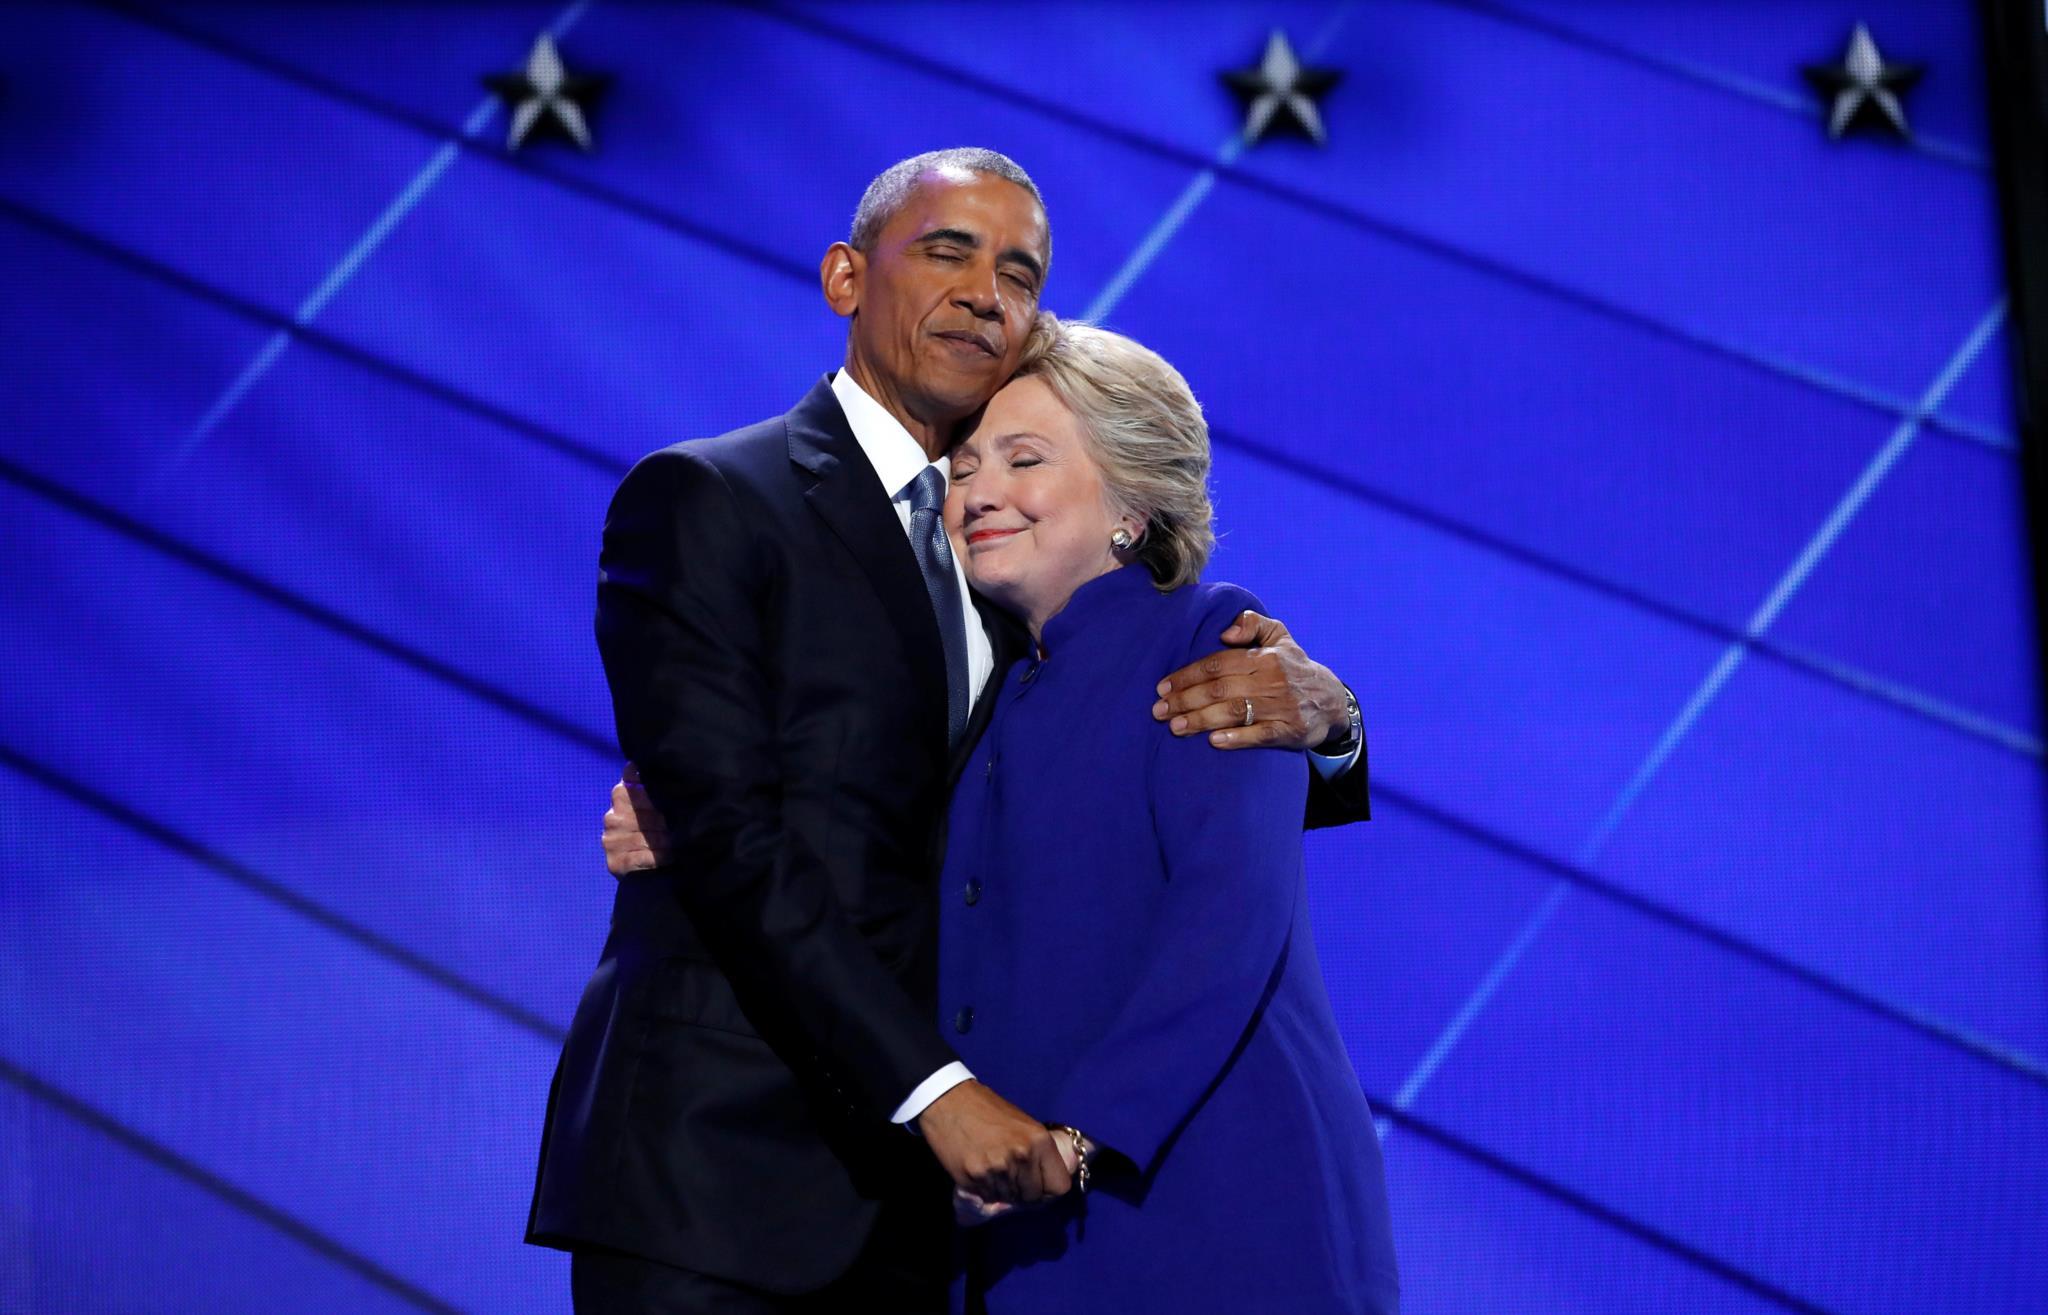 Obama abraça Hillary Clinton, então candidata às presidenciais norte-americanas, após ter terminado o seu discurso, na terceira noite da Convenção Nacional Democrática, 2016